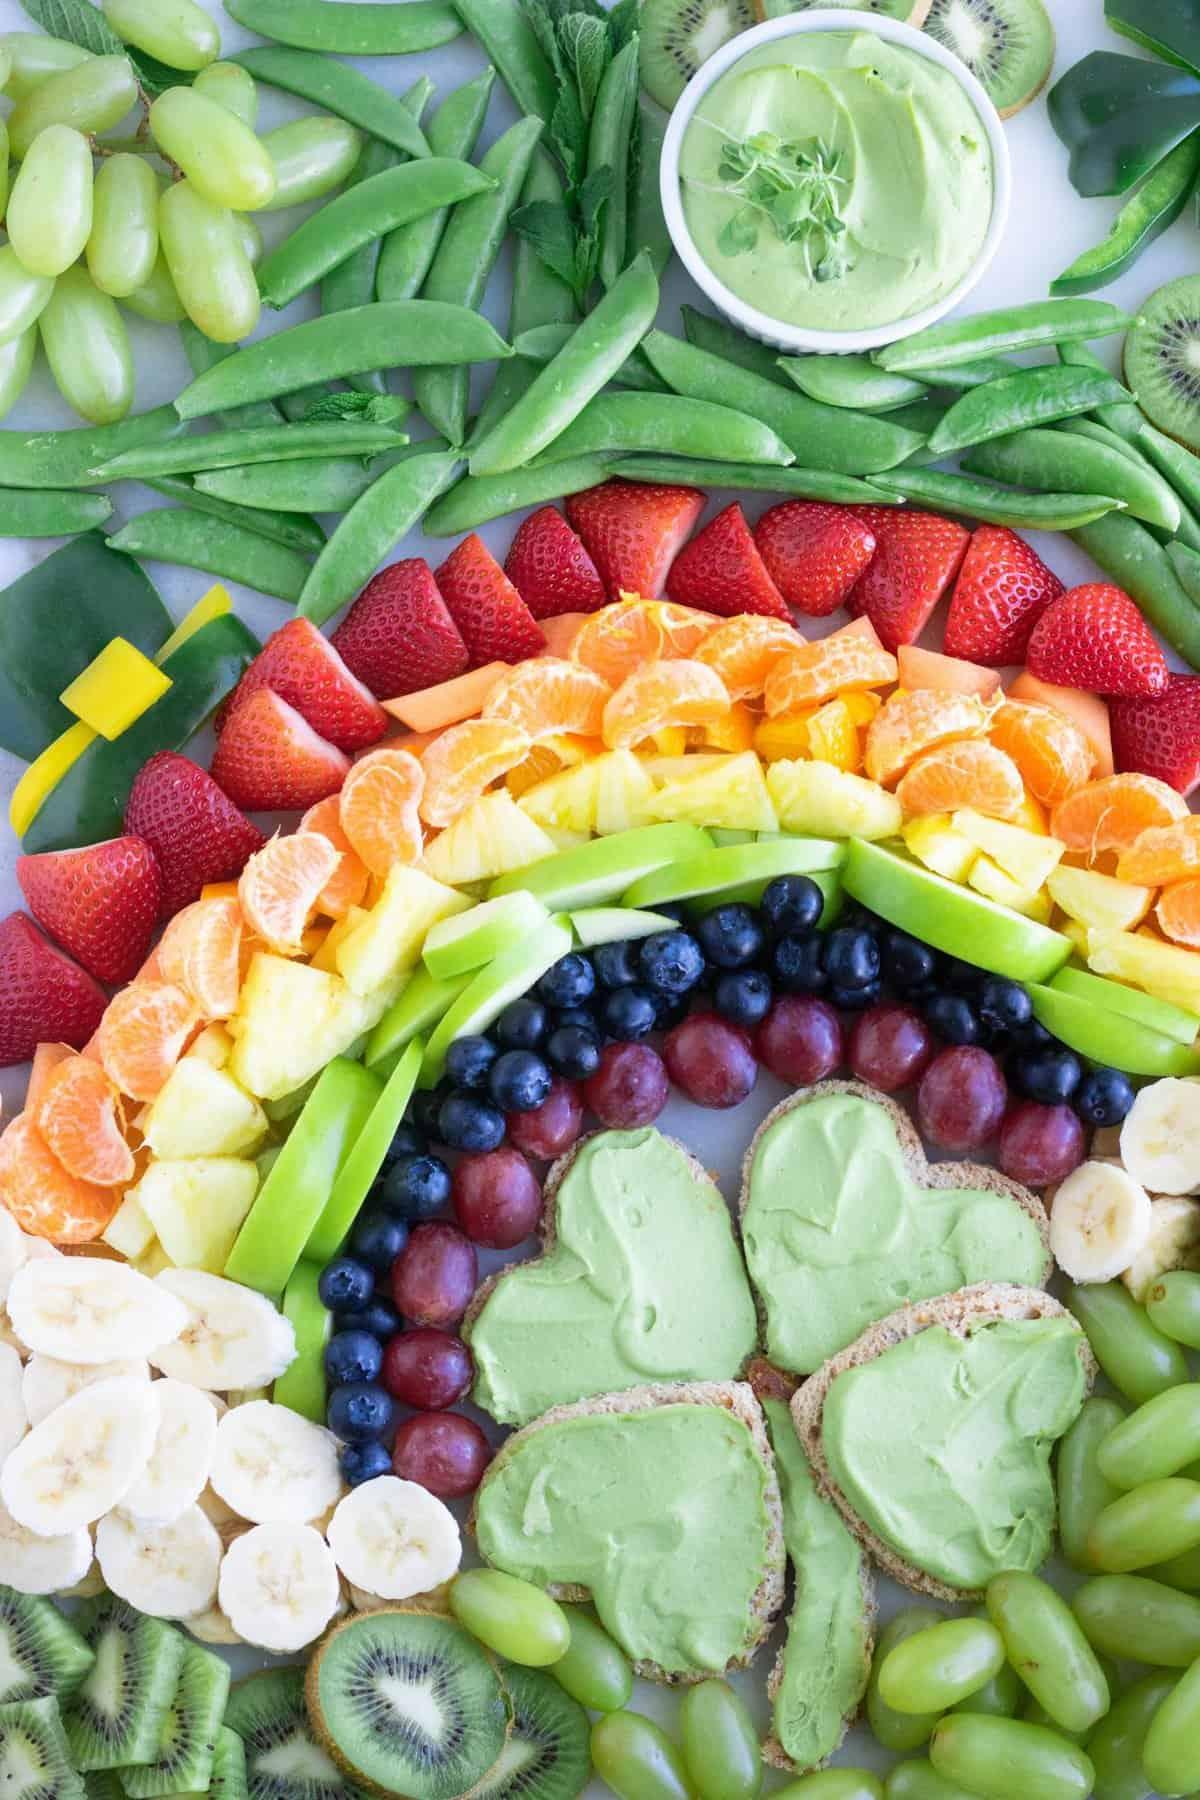 St. Patrick's Day Snack Board Vegan Easy